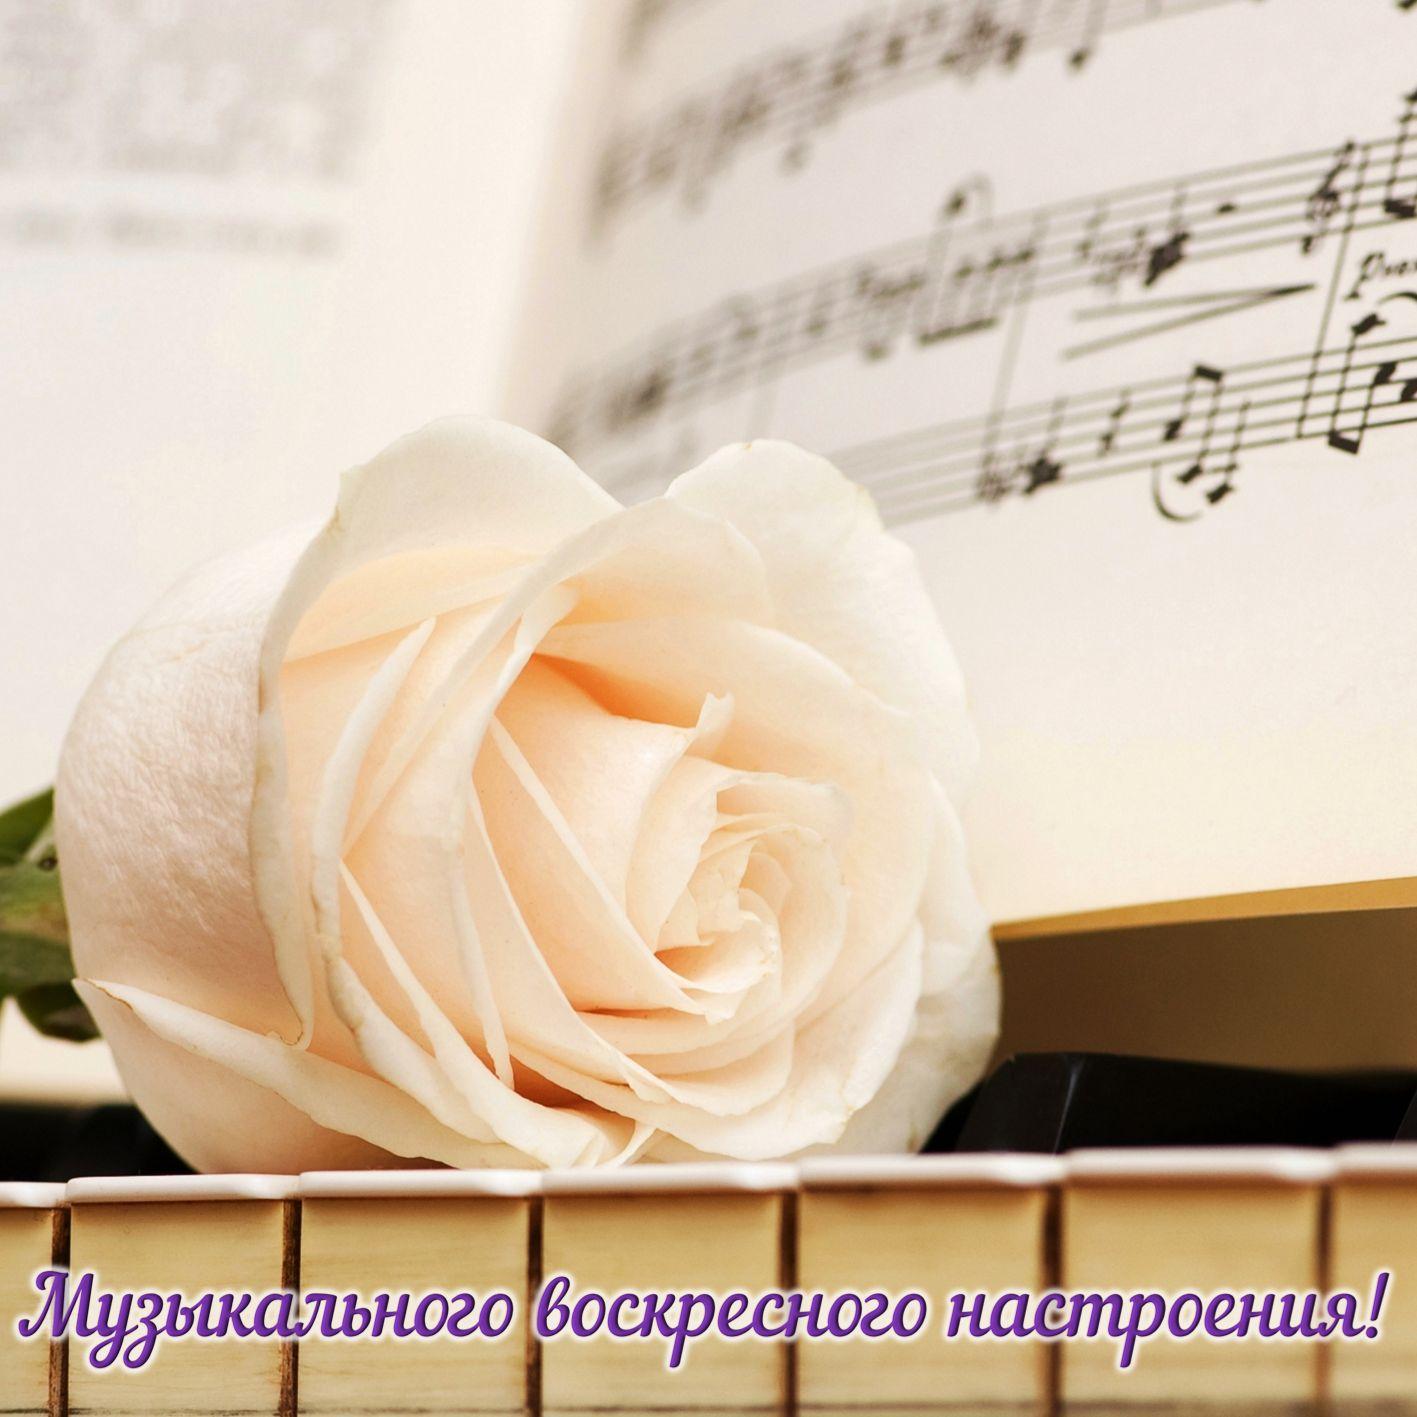 Музыкального воскресного настроения!